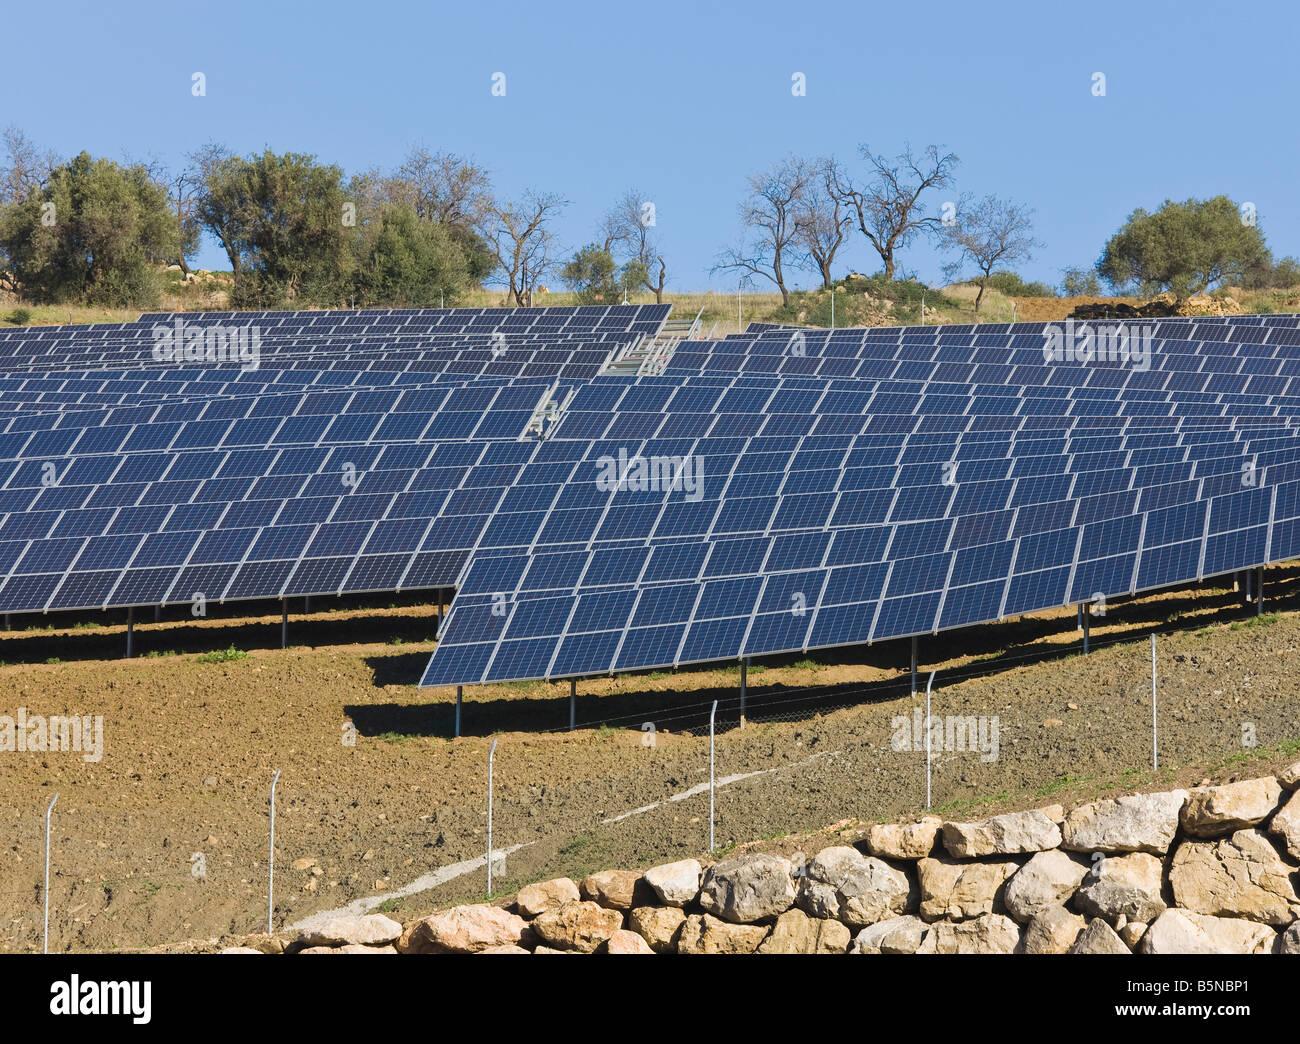 Il fotovoltaico o celle solari utilizzati per la raccolta di energia solare, a Casabermeja, Spagna Immagini Stock